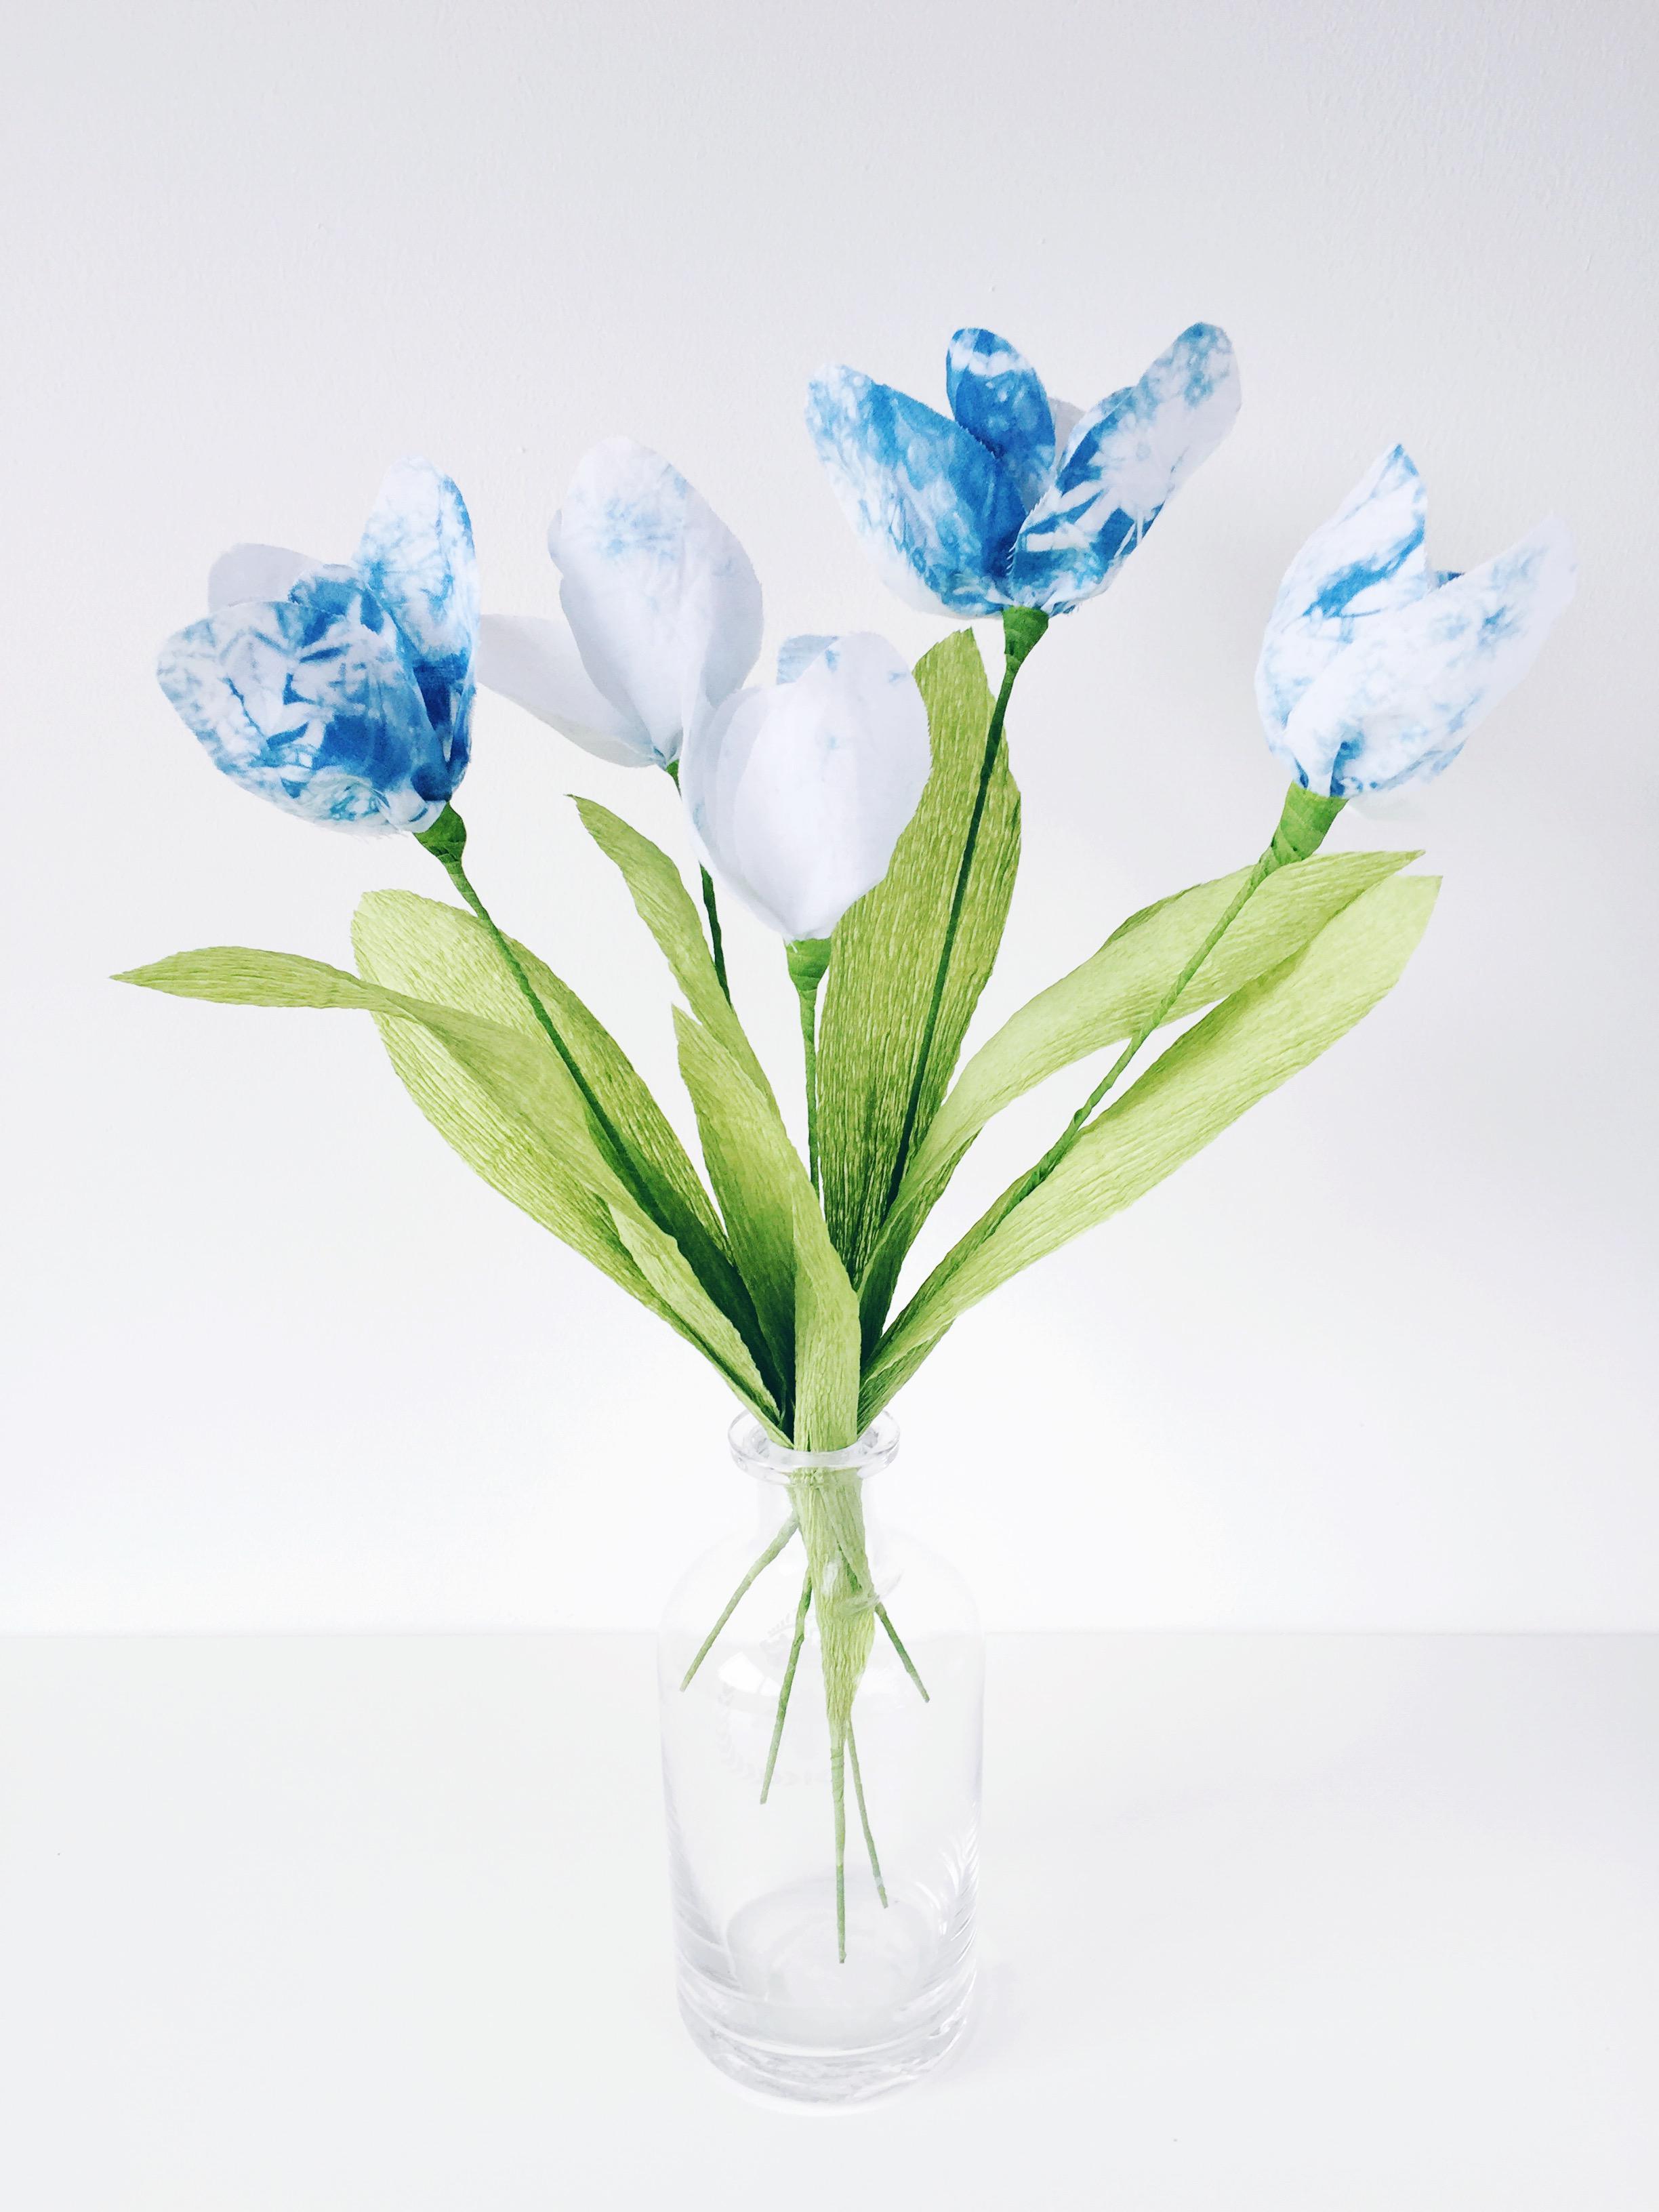 shibori dyed handmade fabric tulips3